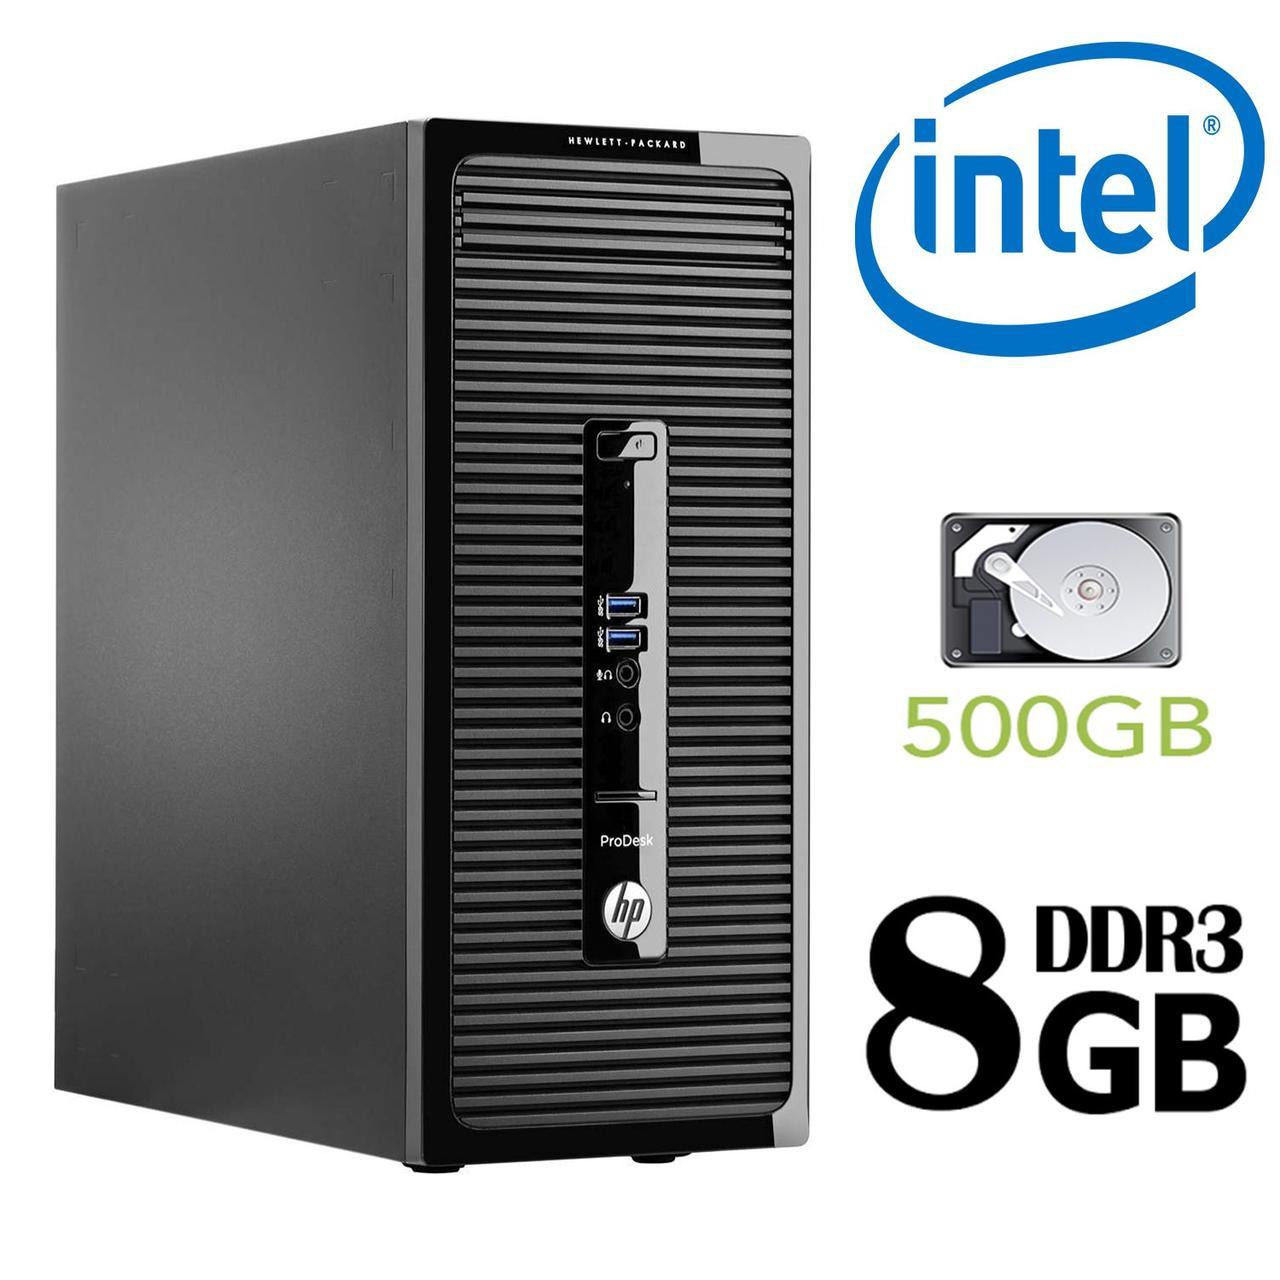 HP 400 G2 MT / Intel Pentium G-3250 (2 ядра по 3.2GHz) / 8GB DDR3 / 500GB HDD